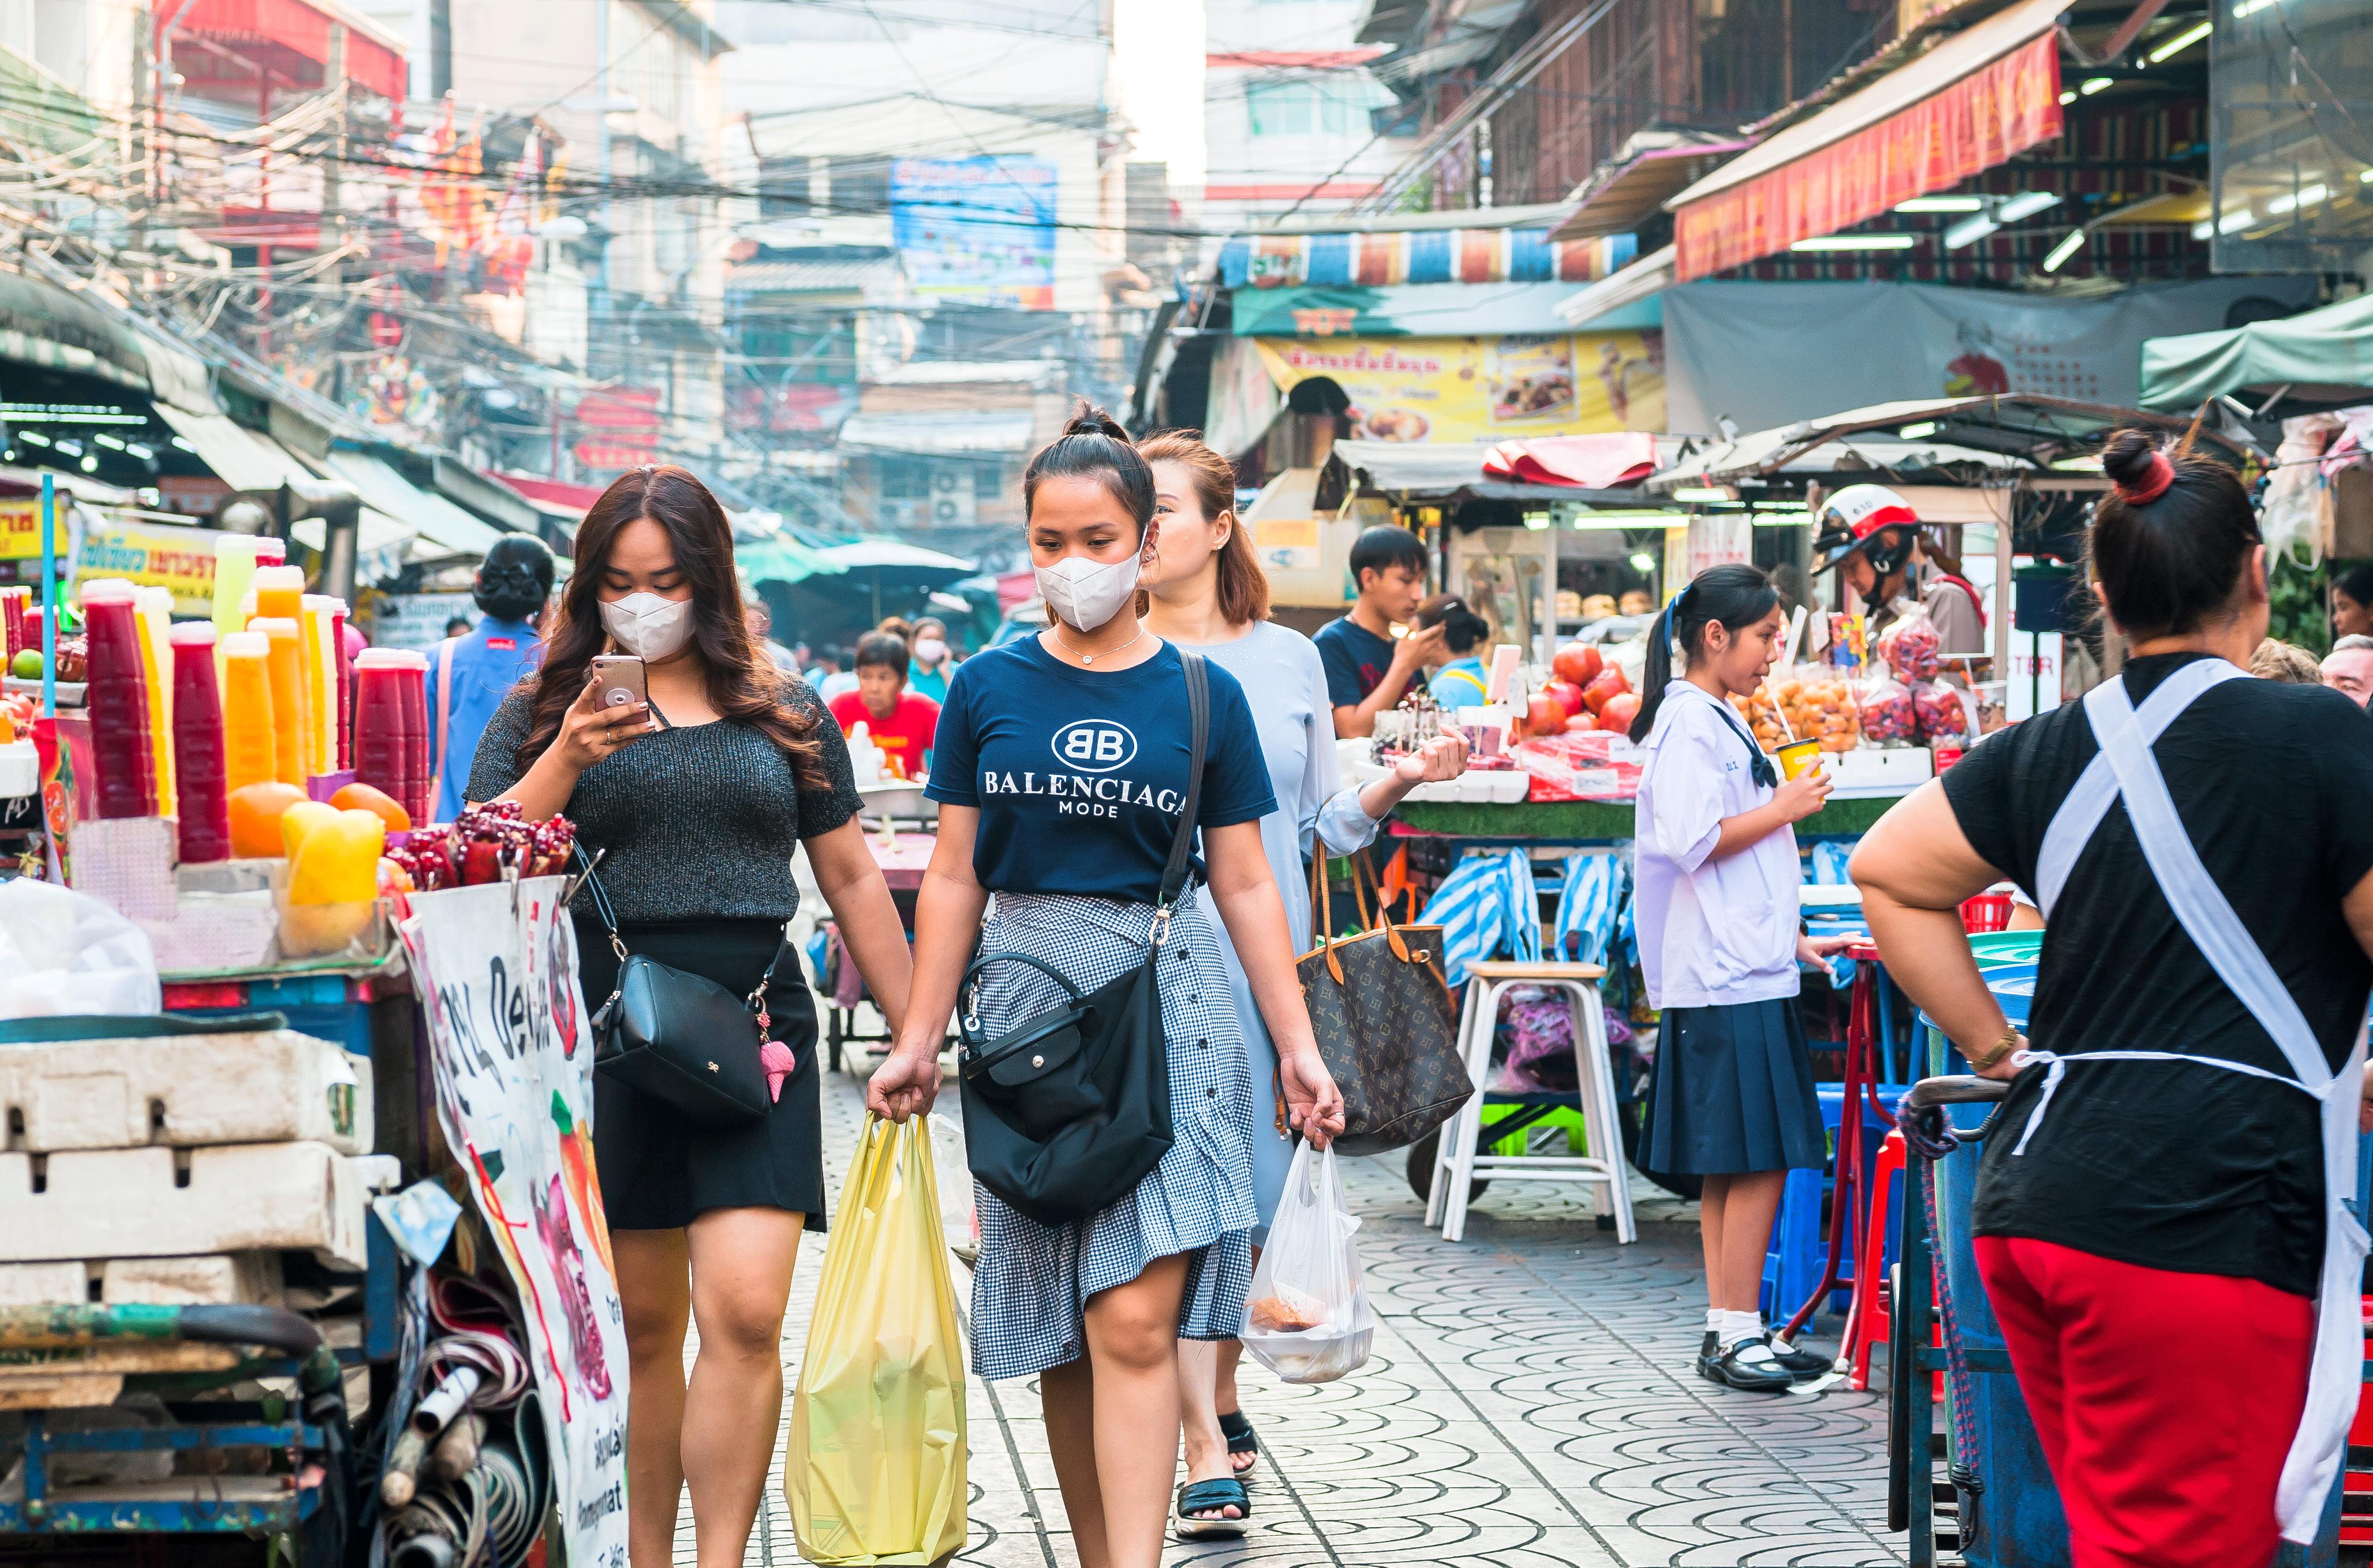 Тайланд ще изкушава туристи с ястия и козметика от марихуана